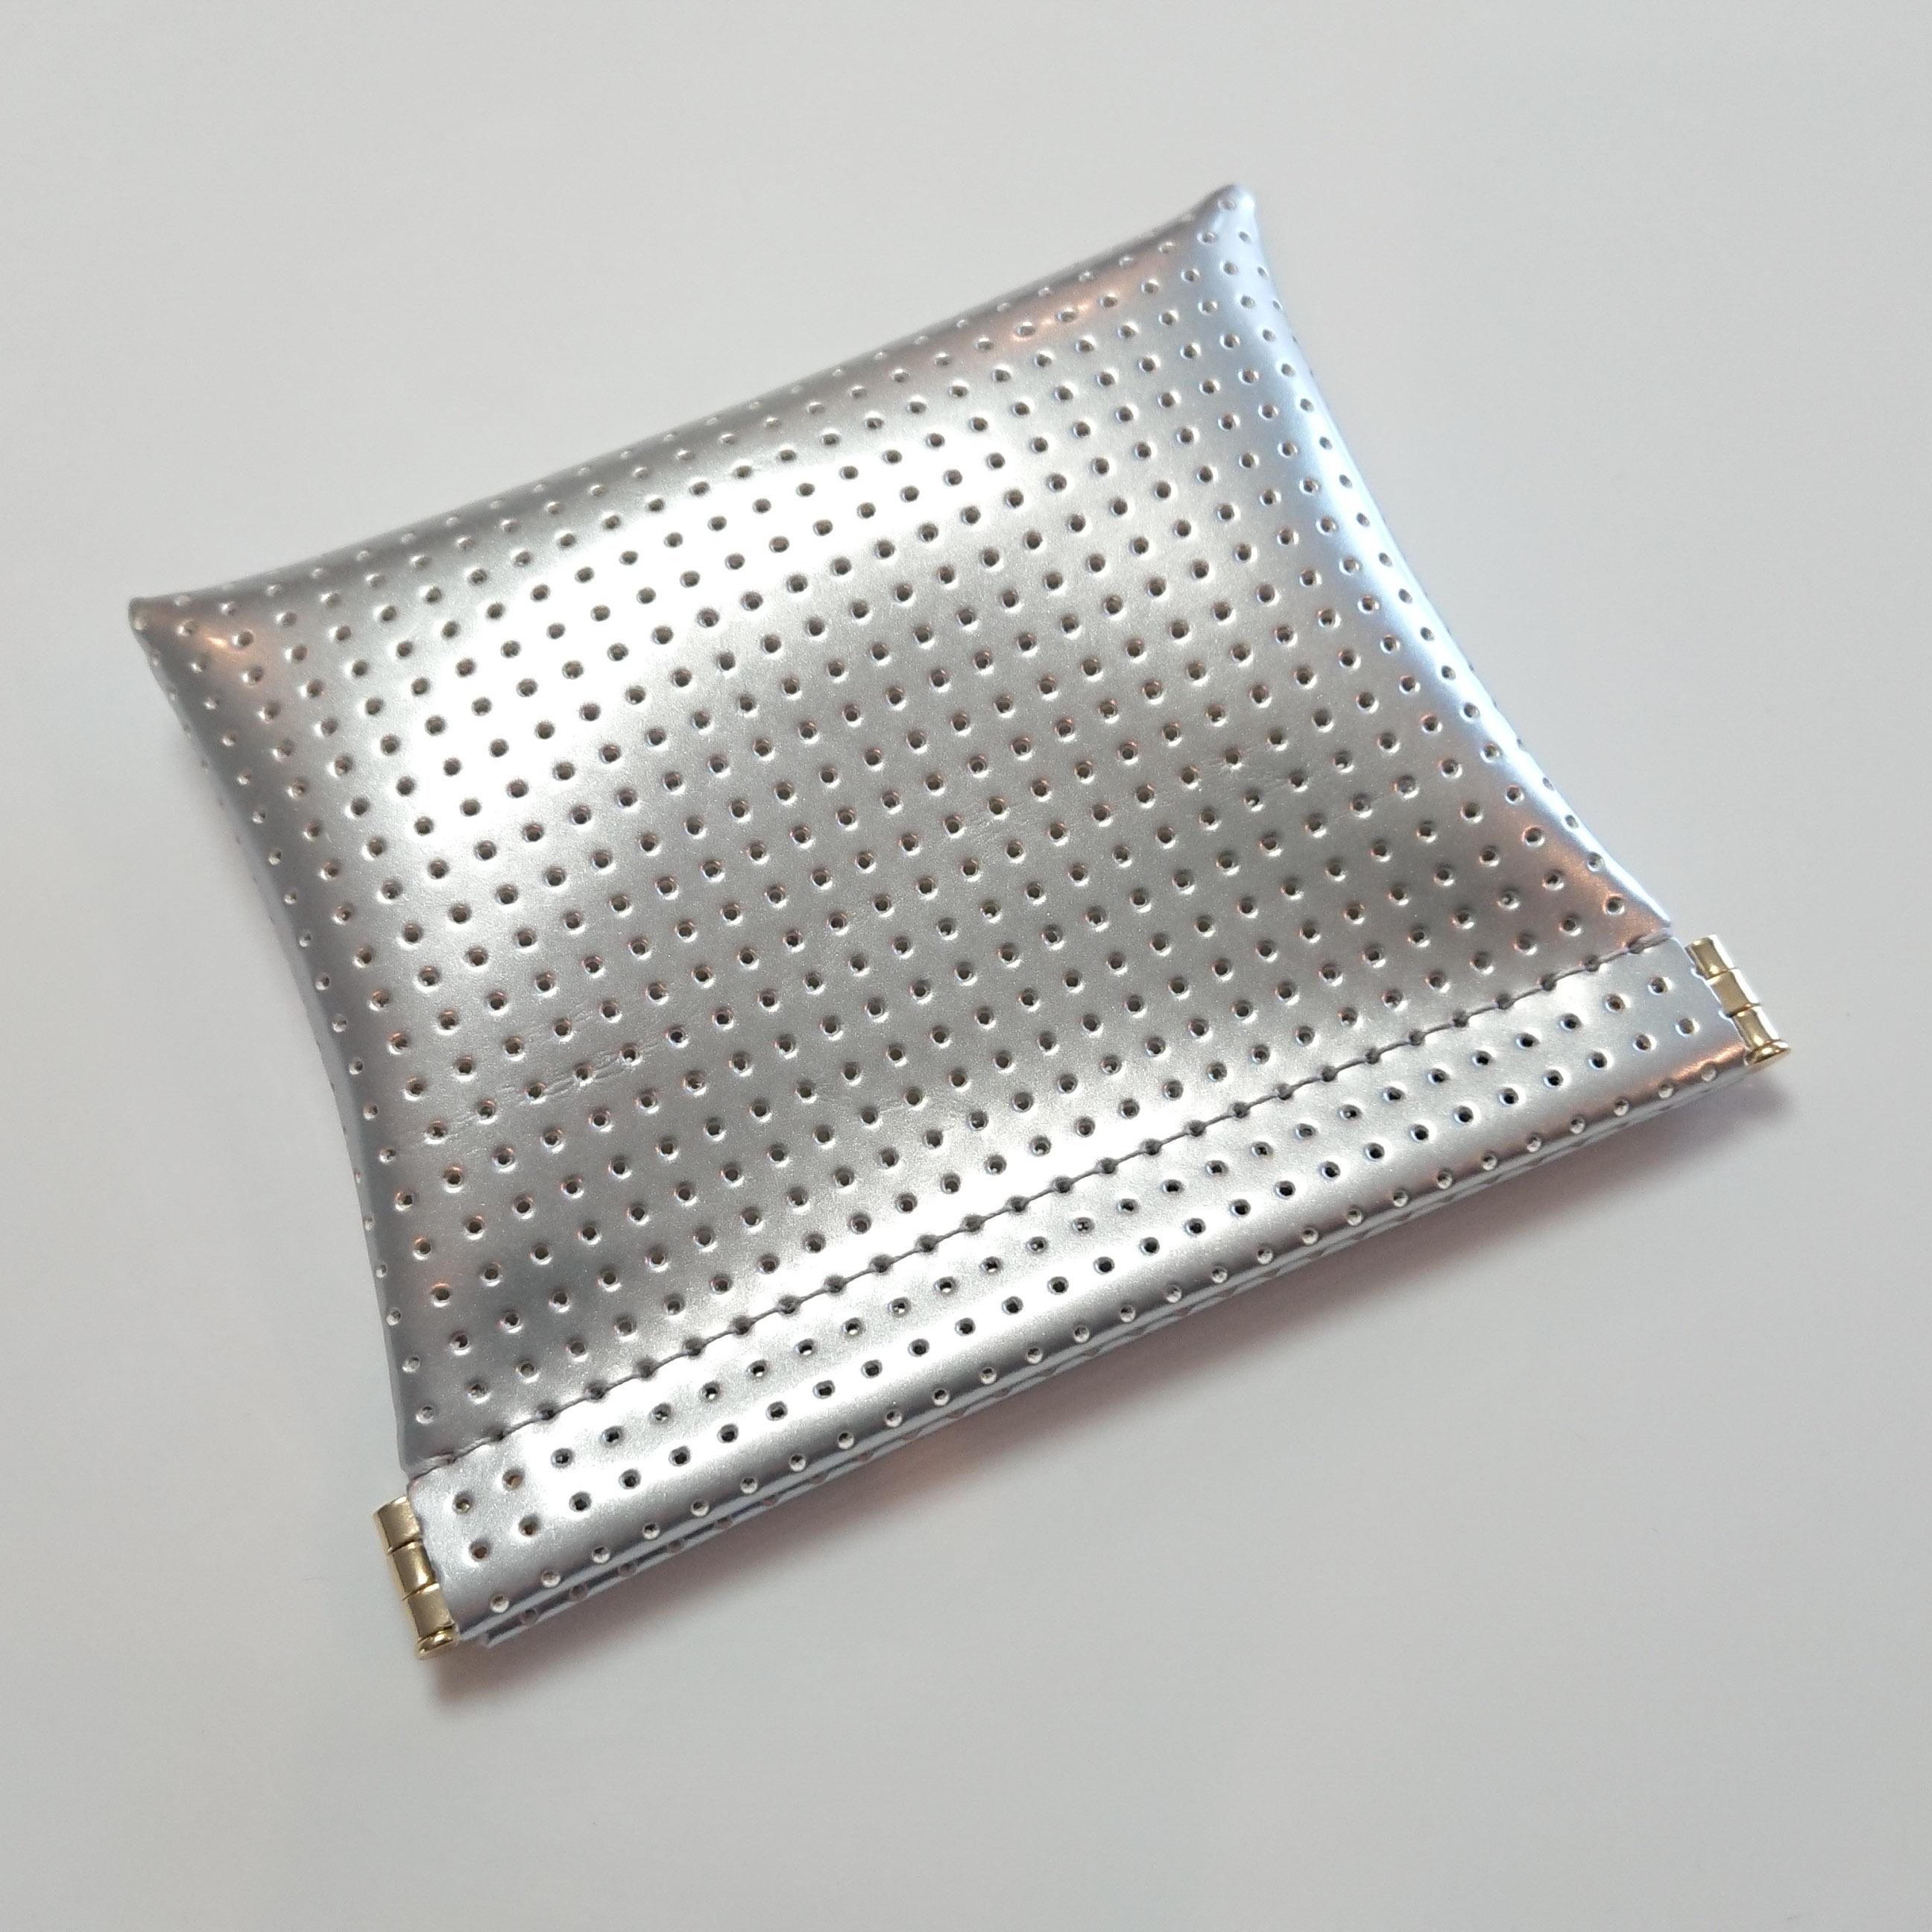 OSORO ポーチ ☆ シルバー 薄い財布 ティーケース